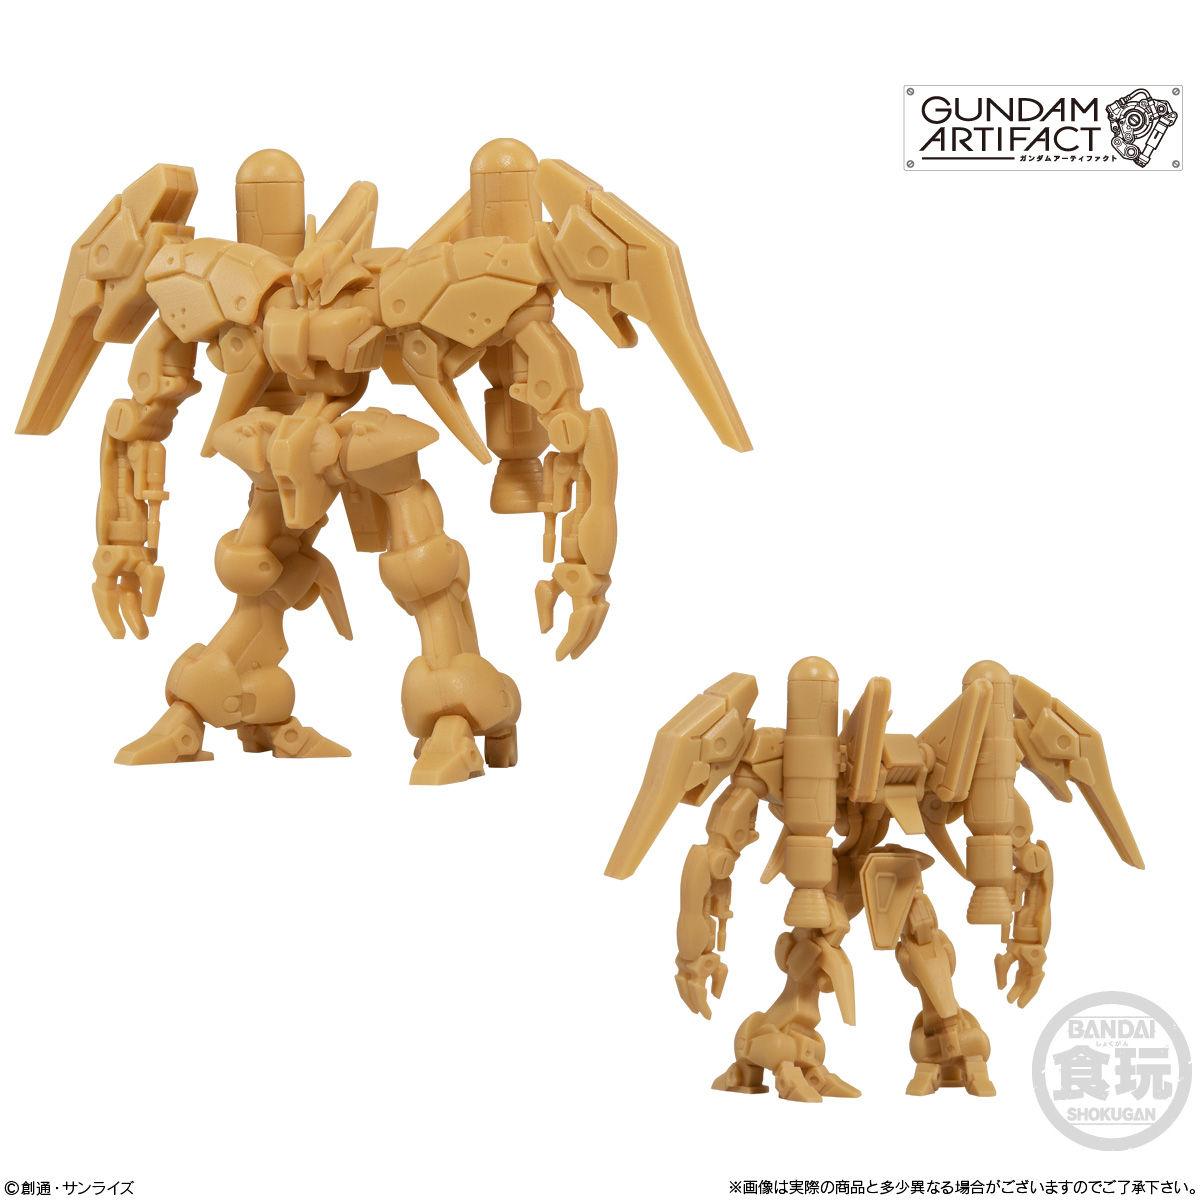 【再販】【食玩】機動戦士ガンダム『ガンダムアーティファクト』プラ製ミニキット 10個入りBOX-004